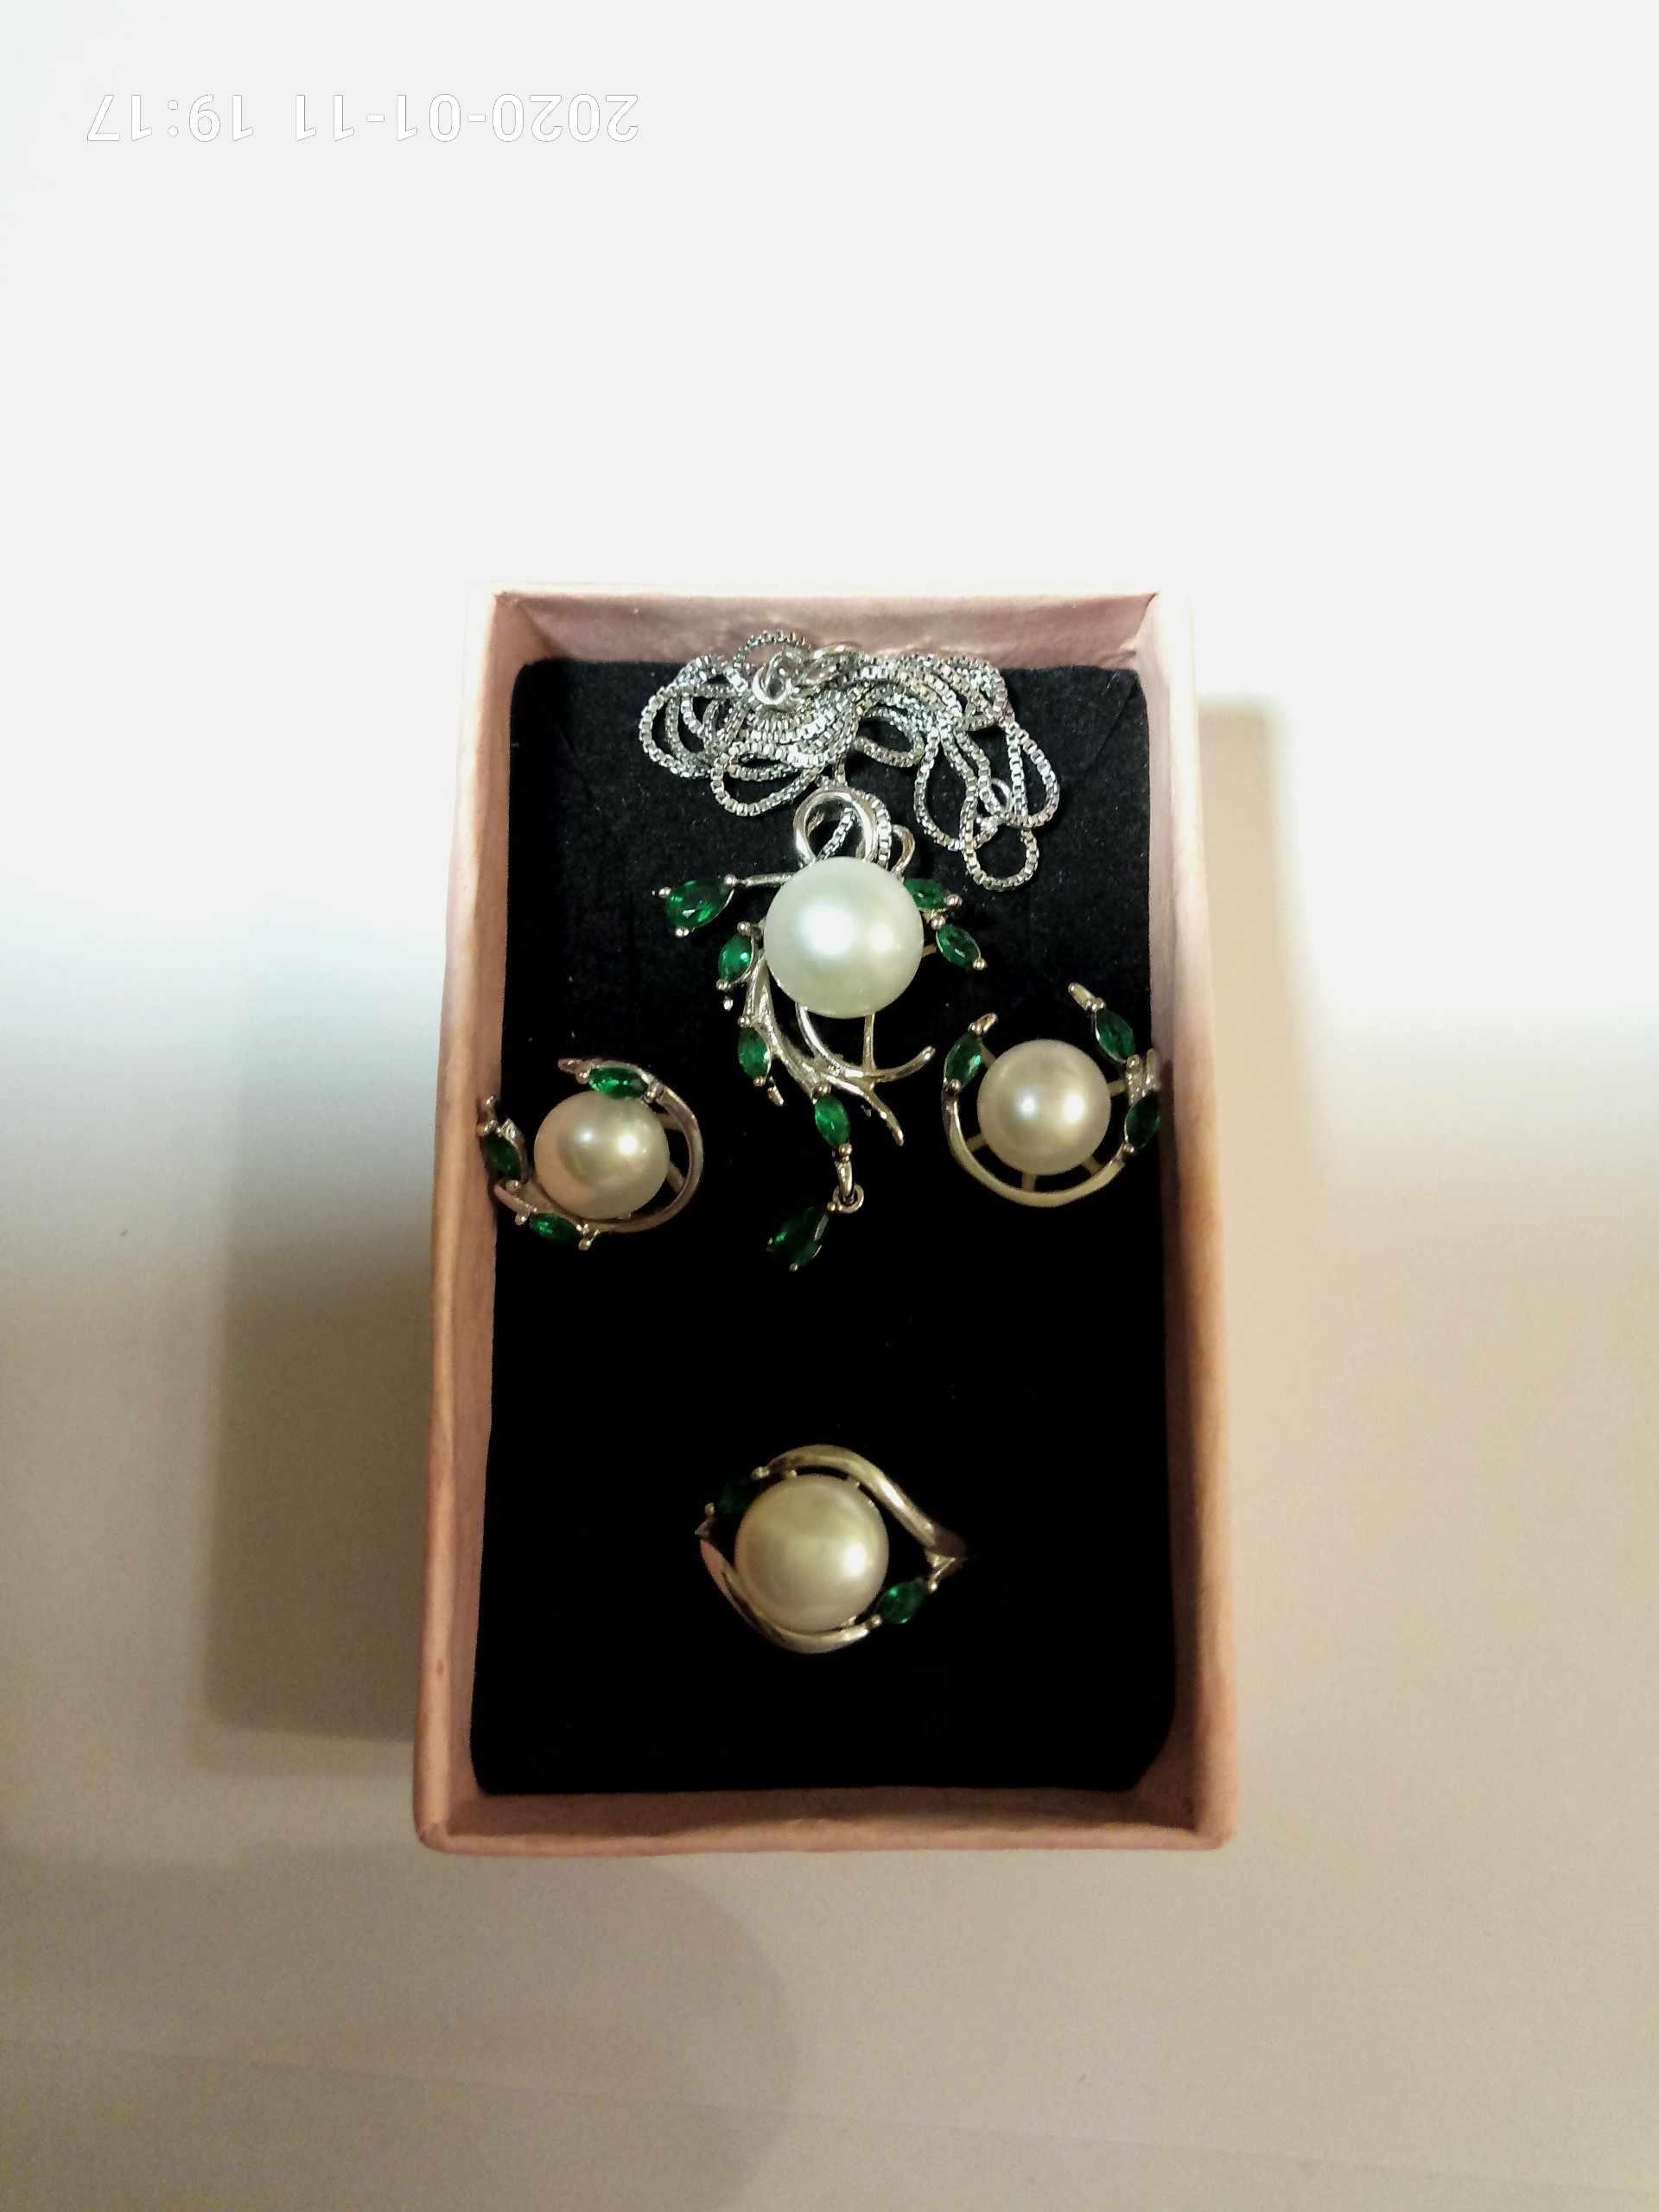 Женский комплект ювелирных изделий FENASY, из серебра 925 пробы с натуральным жемчугом и изумрудом, серьги в виде листика, ожерелье, подвеска, Помолвочное кольцо